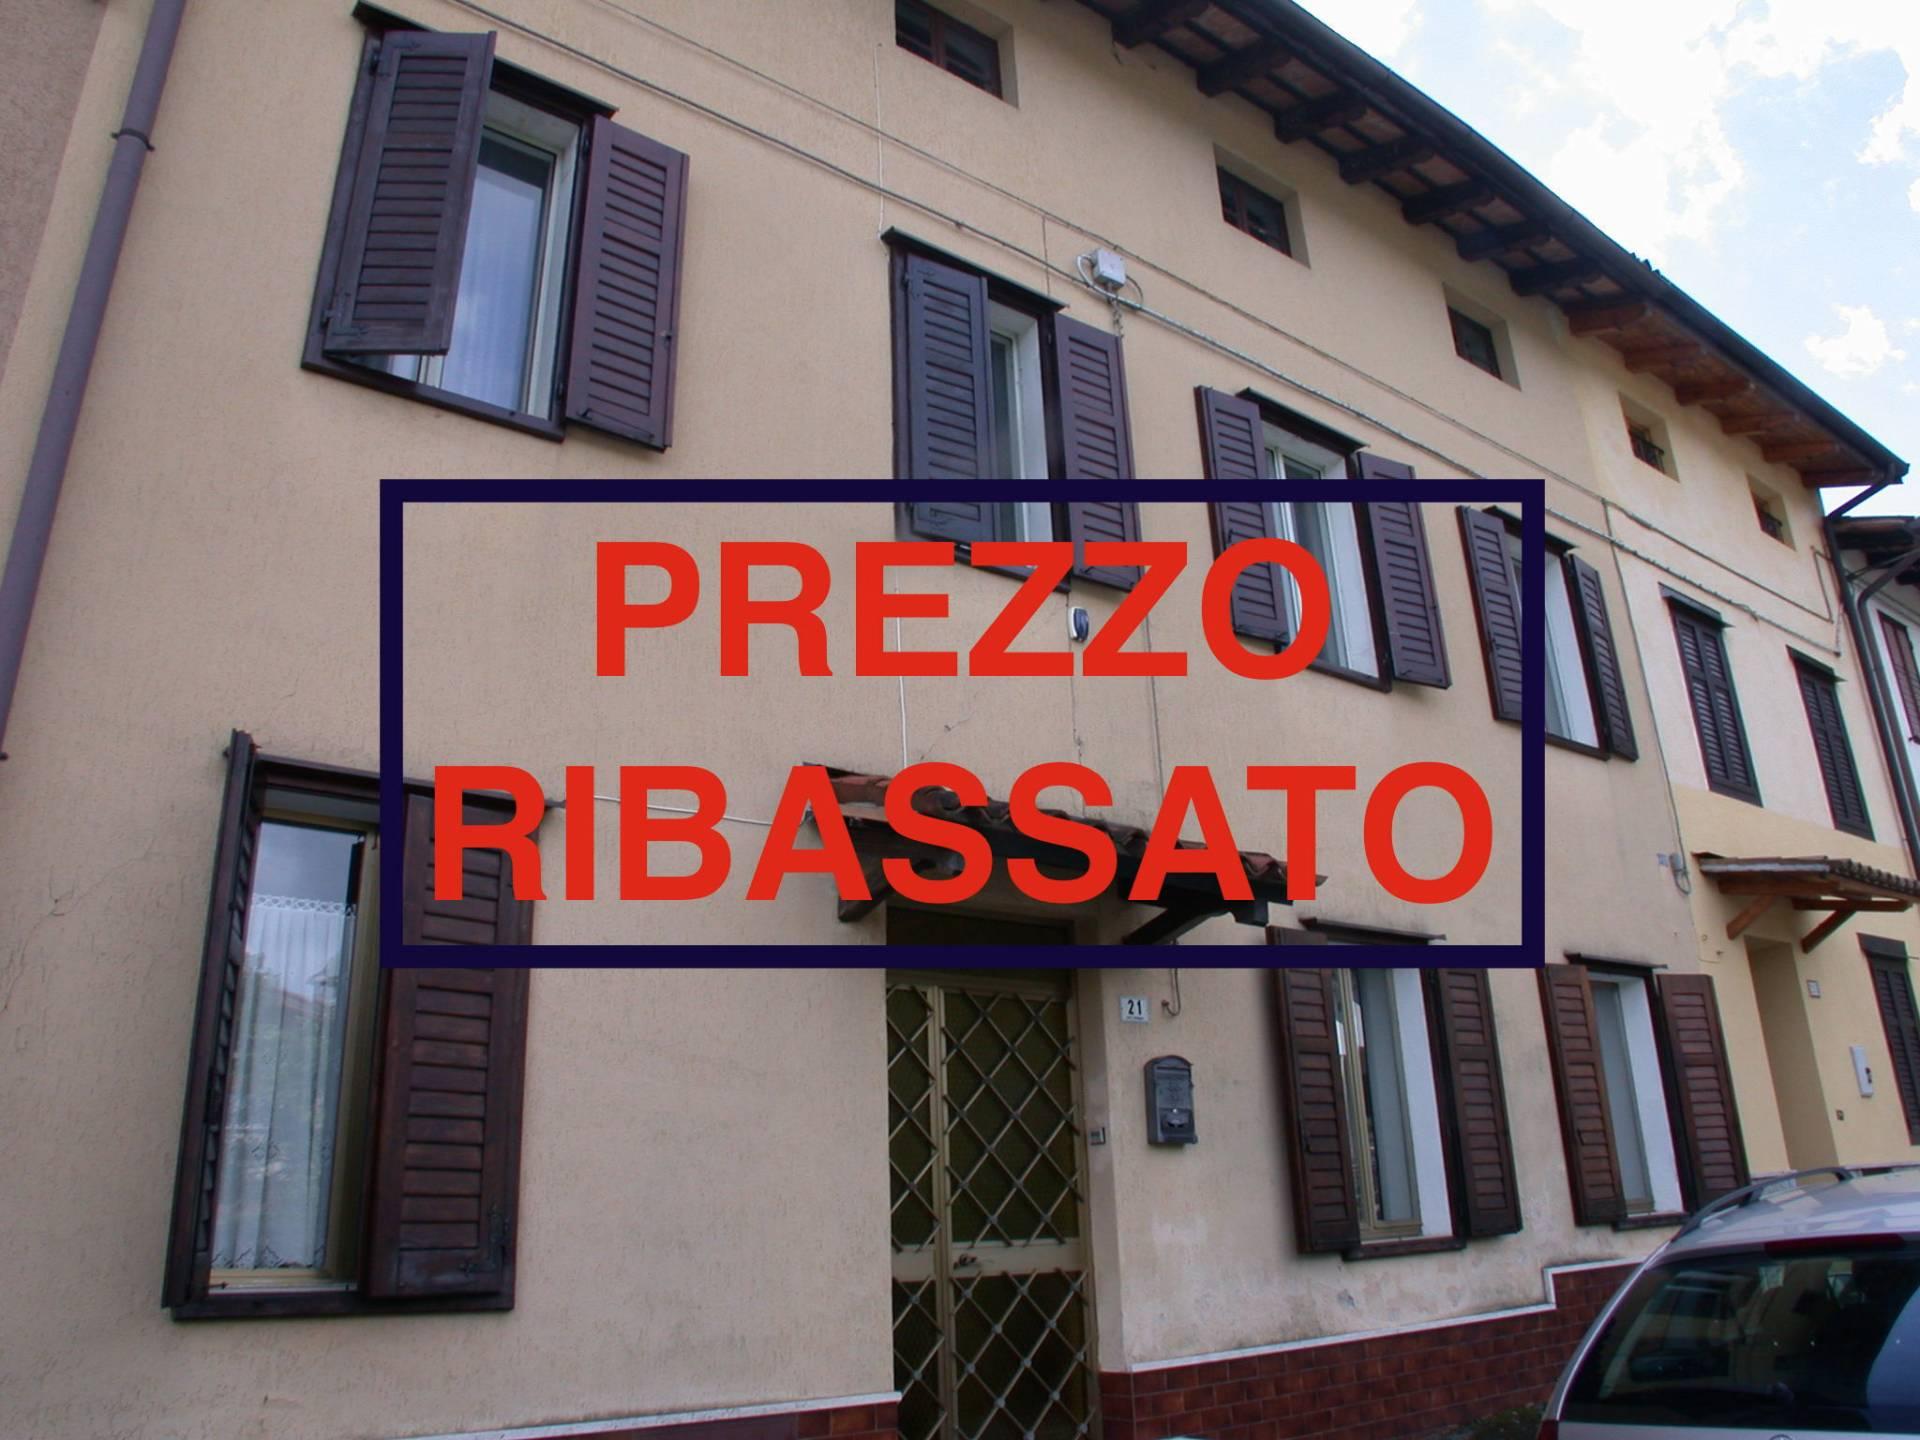 Villa in vendita a Gorizia, 10 locali, zona Località: Piedimonte, prezzo € 68.000 | CambioCasa.it